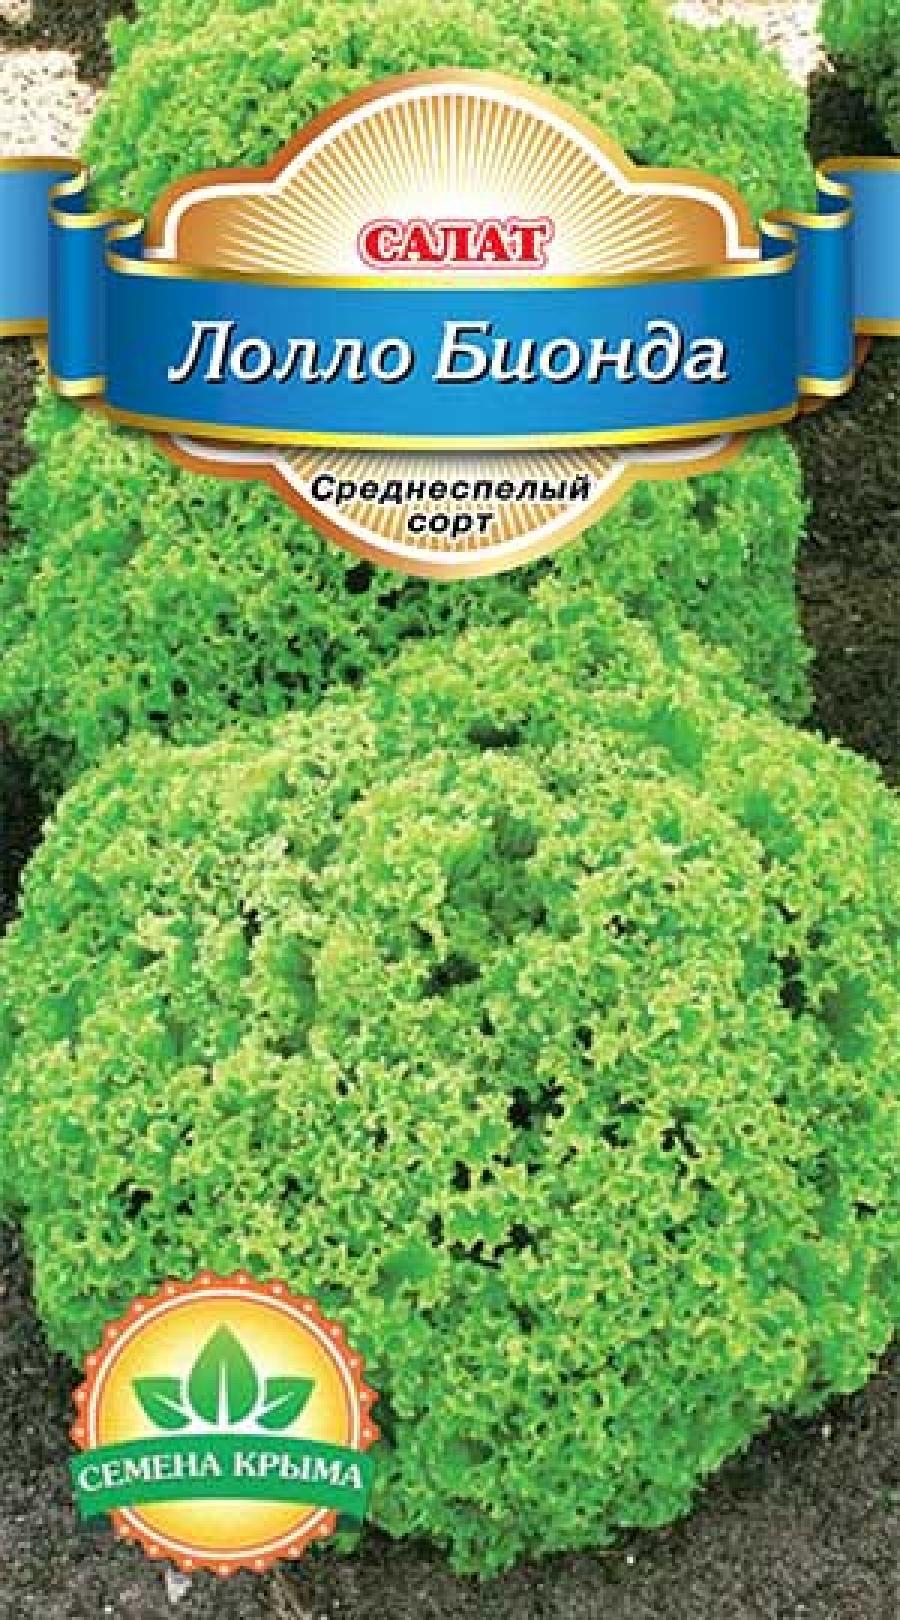 Как посадить салат лолло бионда